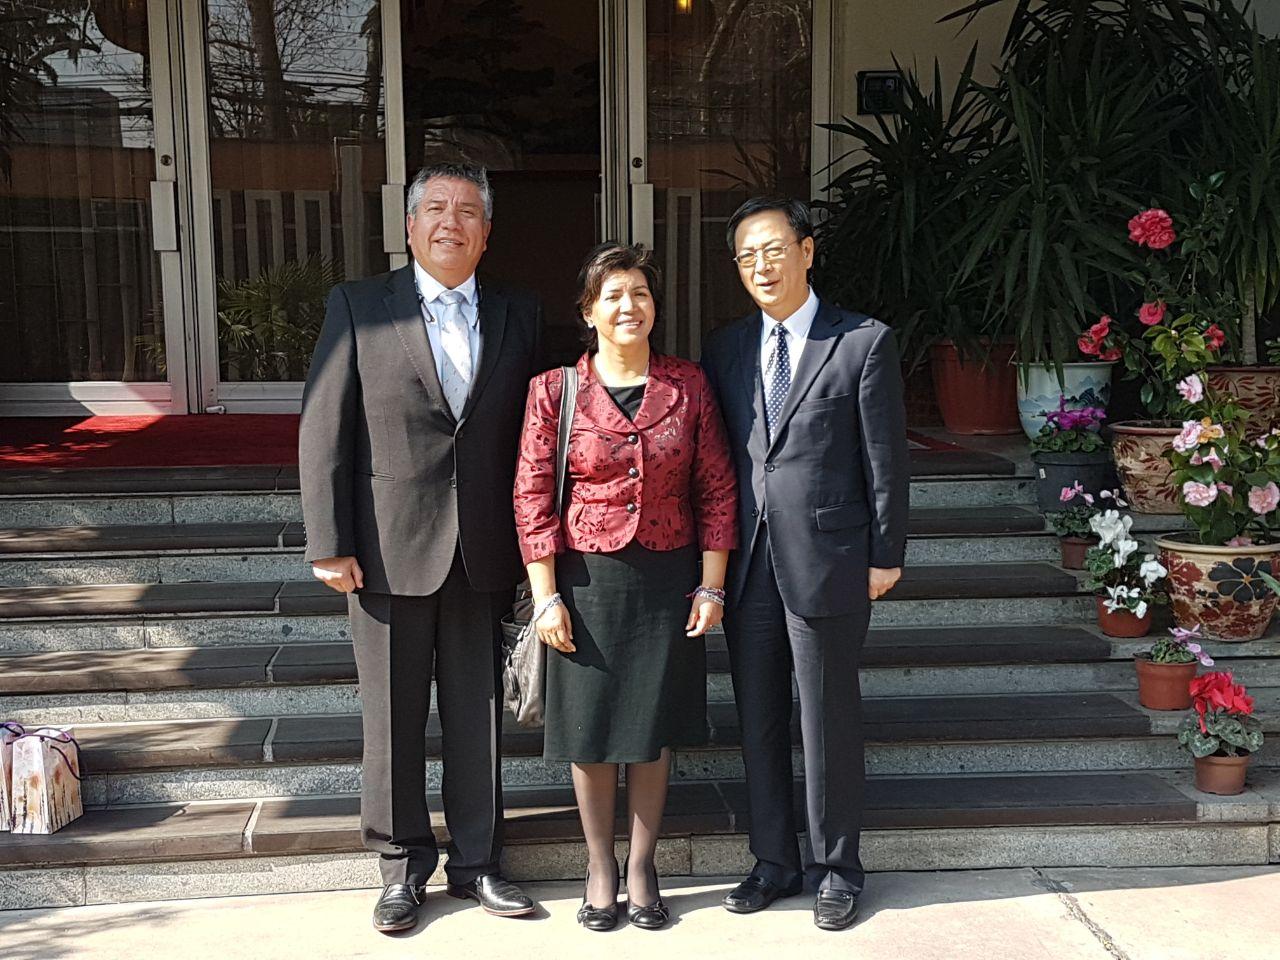 Provoste y Presidente del Core de Atacama se reunieron con Embajador Chino y con Ex Presidente Frei para gestionar corredor ferroviario bioceánico con Argentina